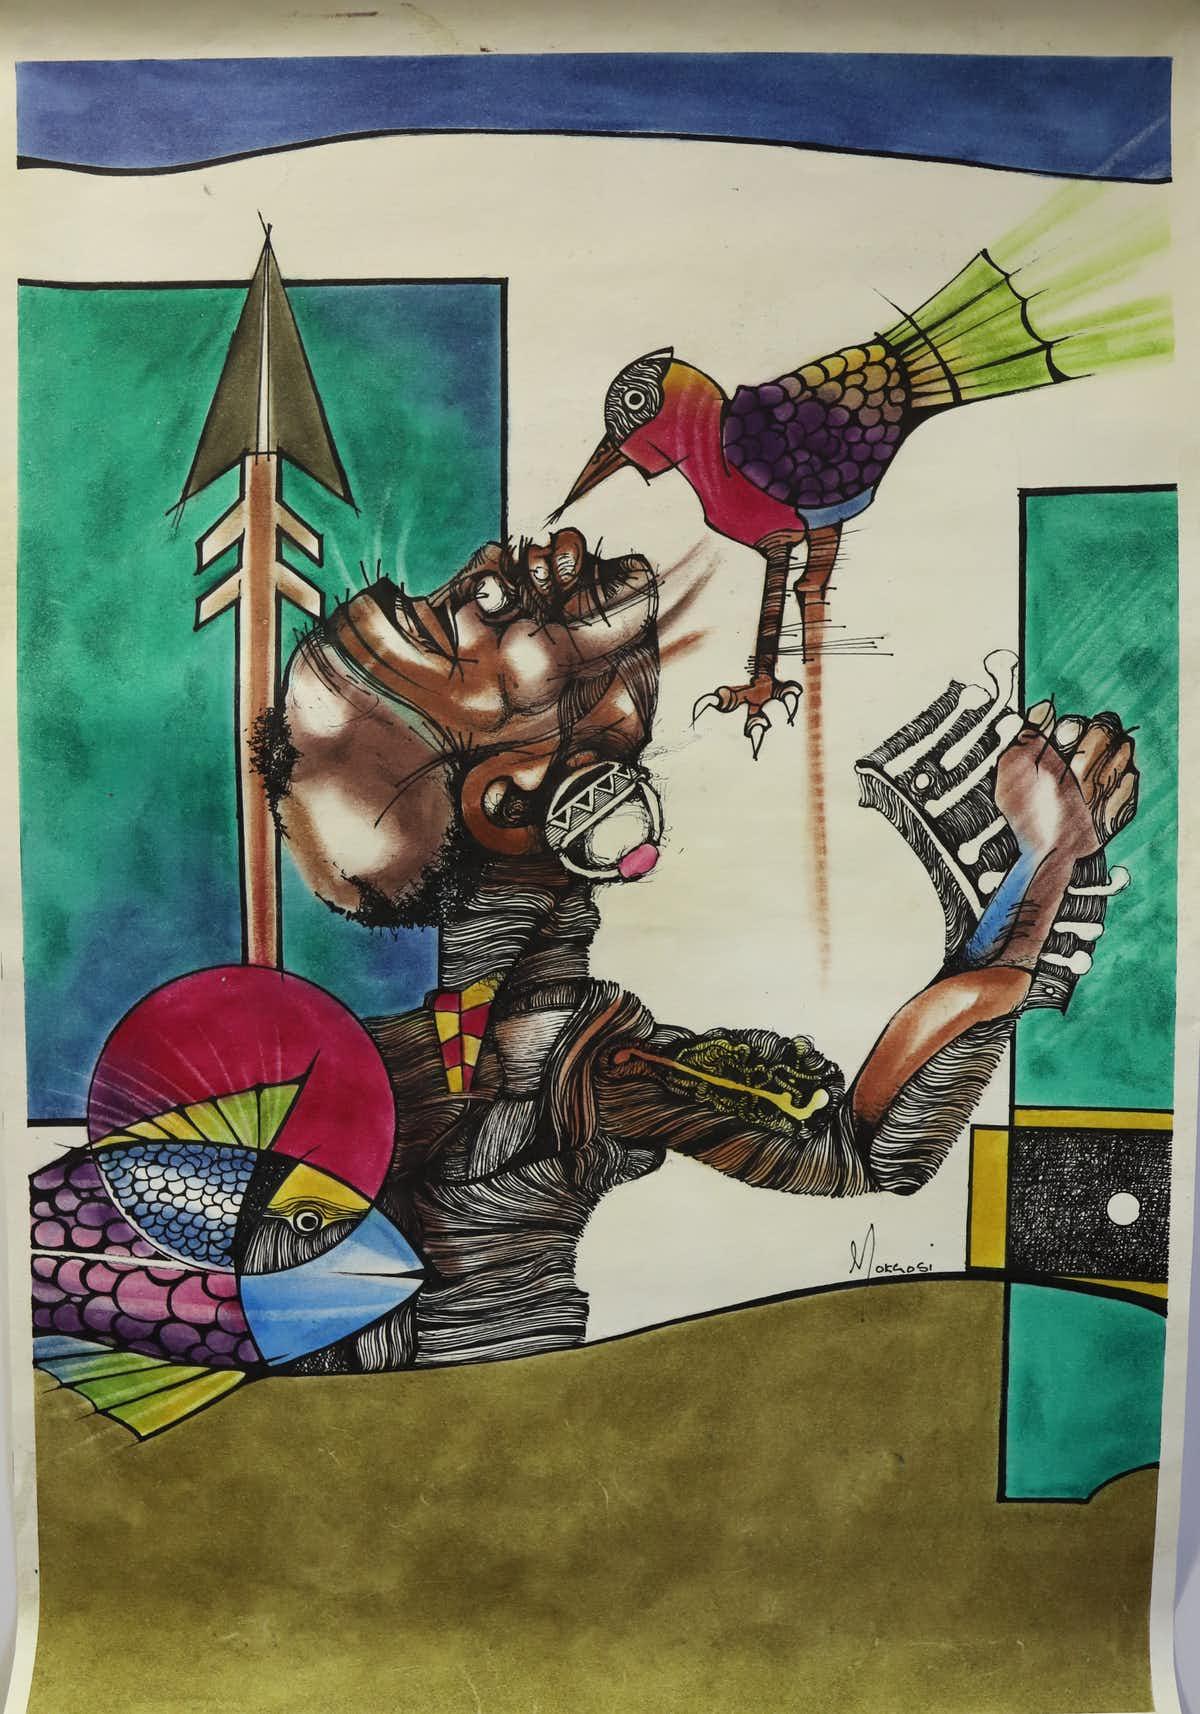 A fake Nat Mokgosi (1946 - 2016) artwork.